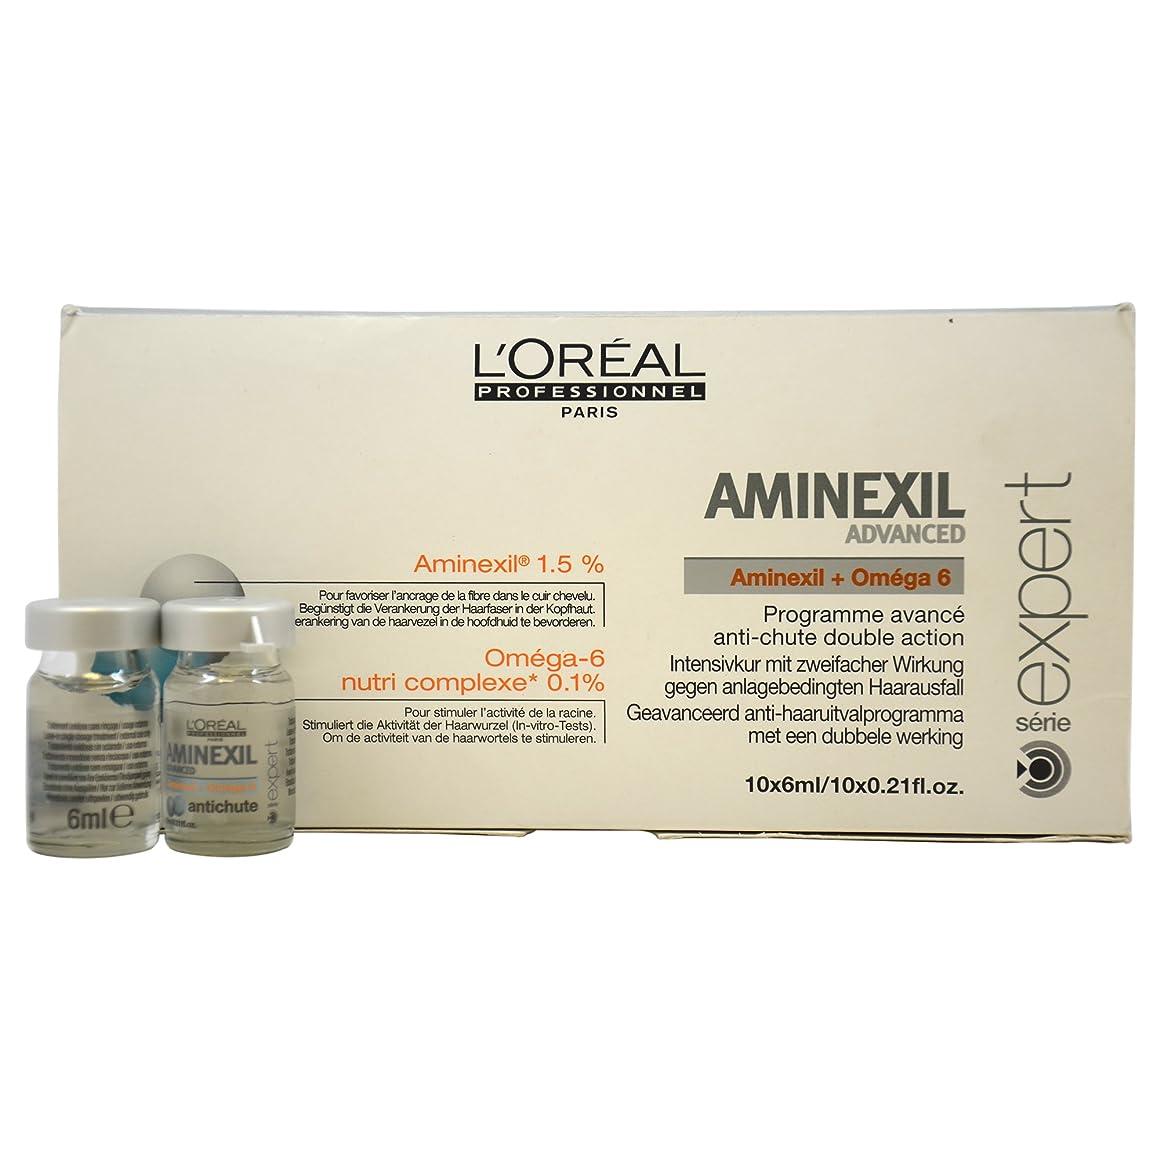 前方へペース不潔ロレアル エキスパート ア三ネクシル コントロール 10個 L'Oreal Expert Aminexil Control 10 Units Advanced [並行輸入品]